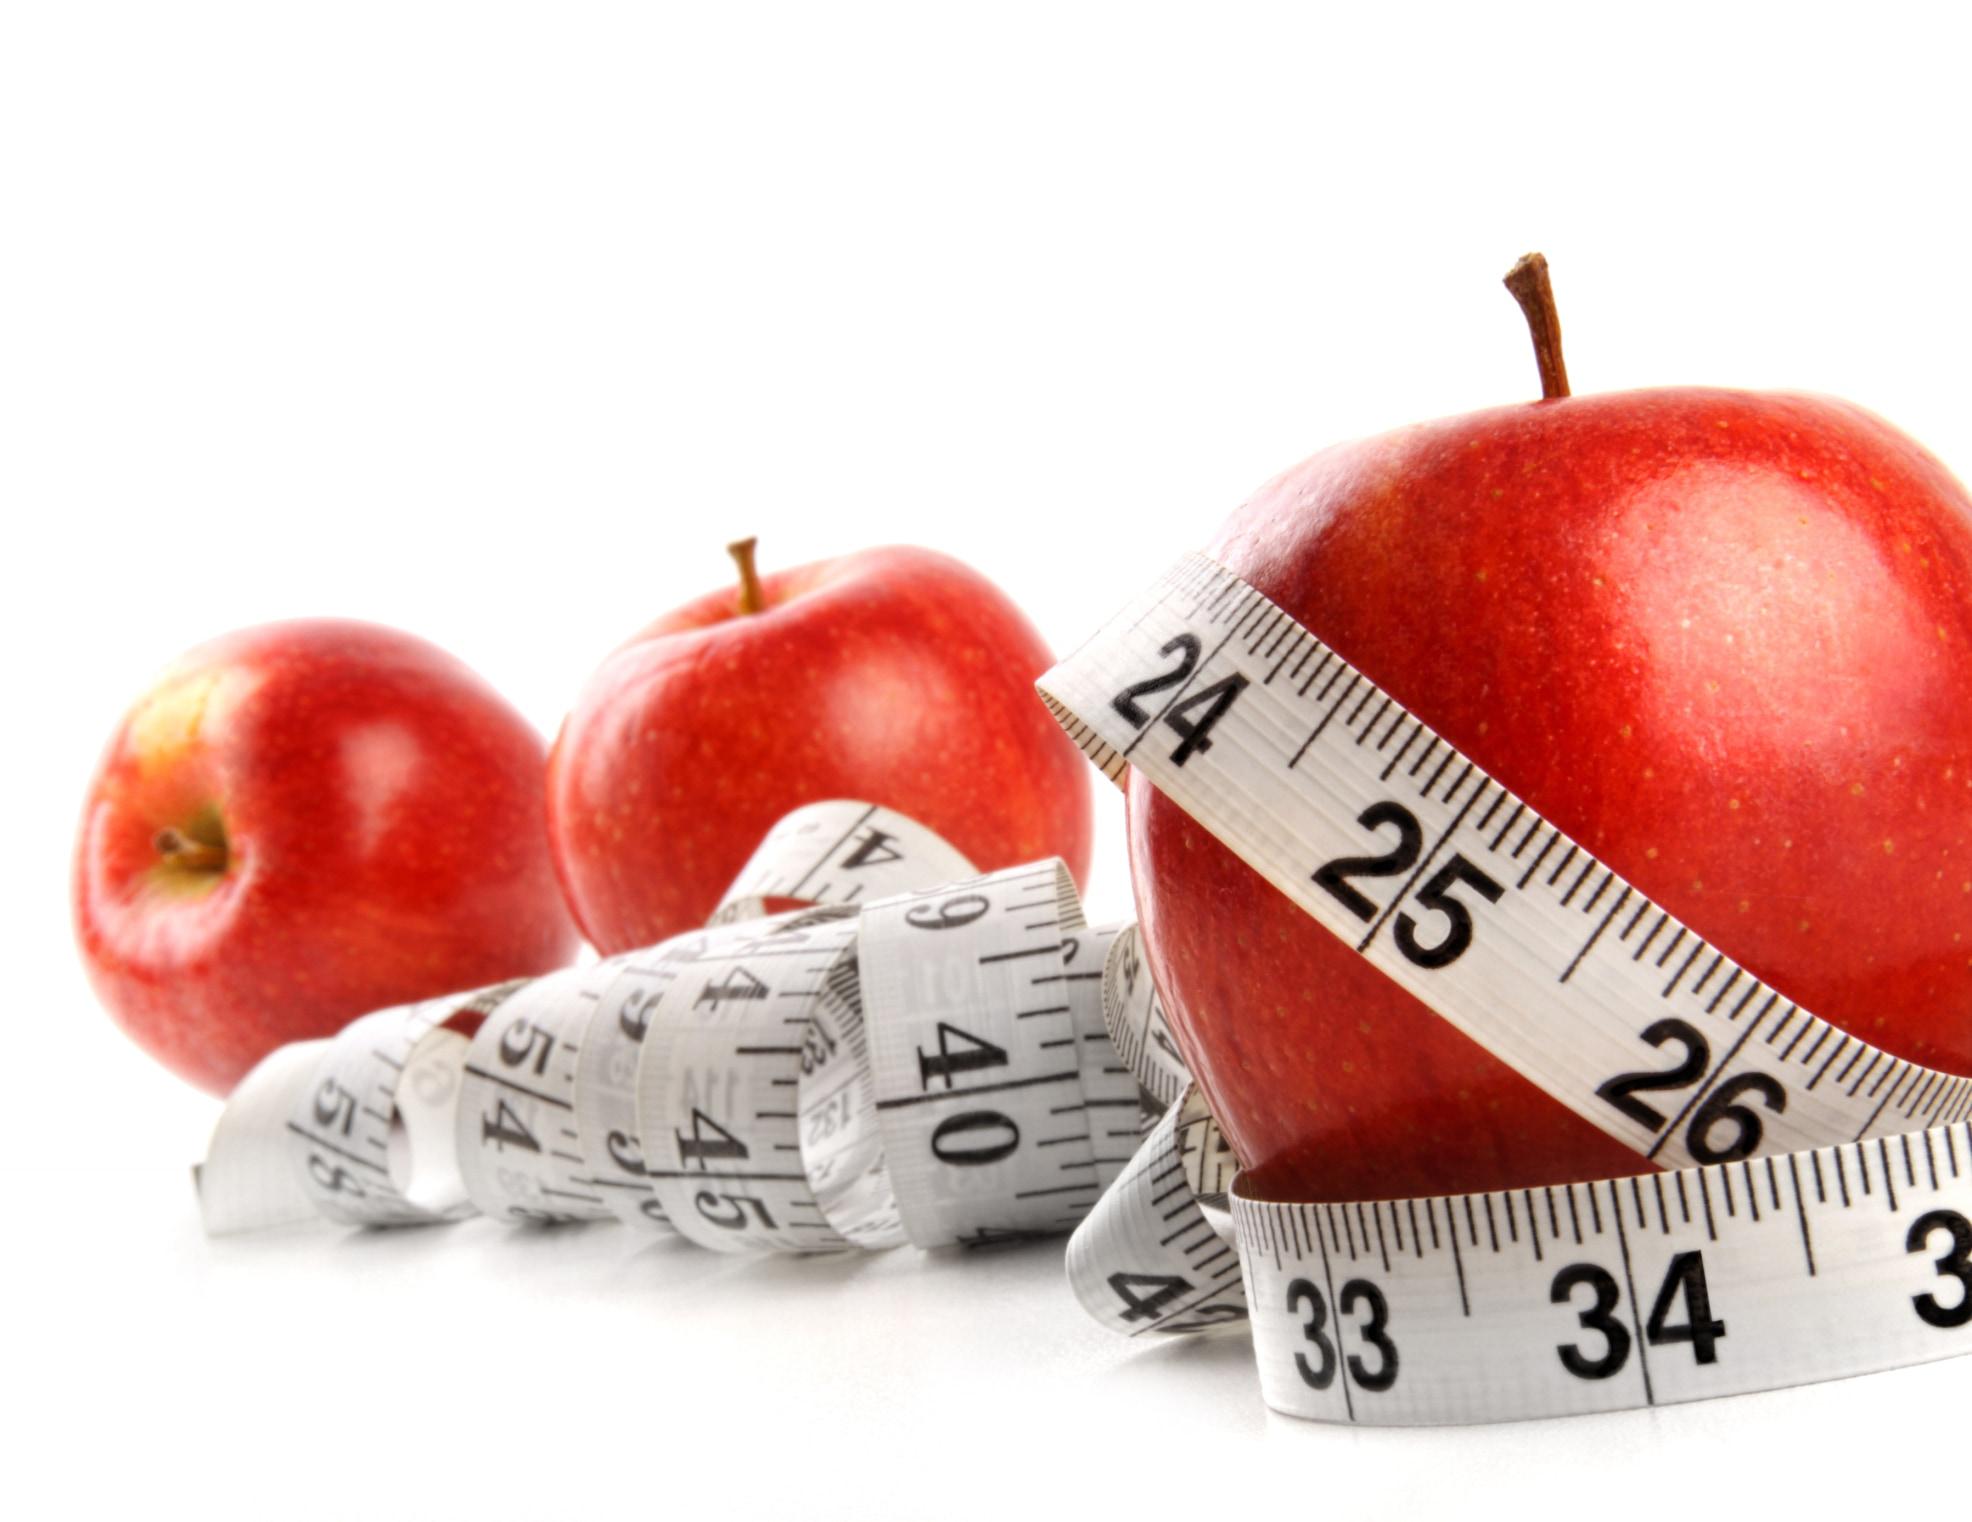 Heti 2 kiló biztos fogyás almaecet diétával! - Mindmegette.hu